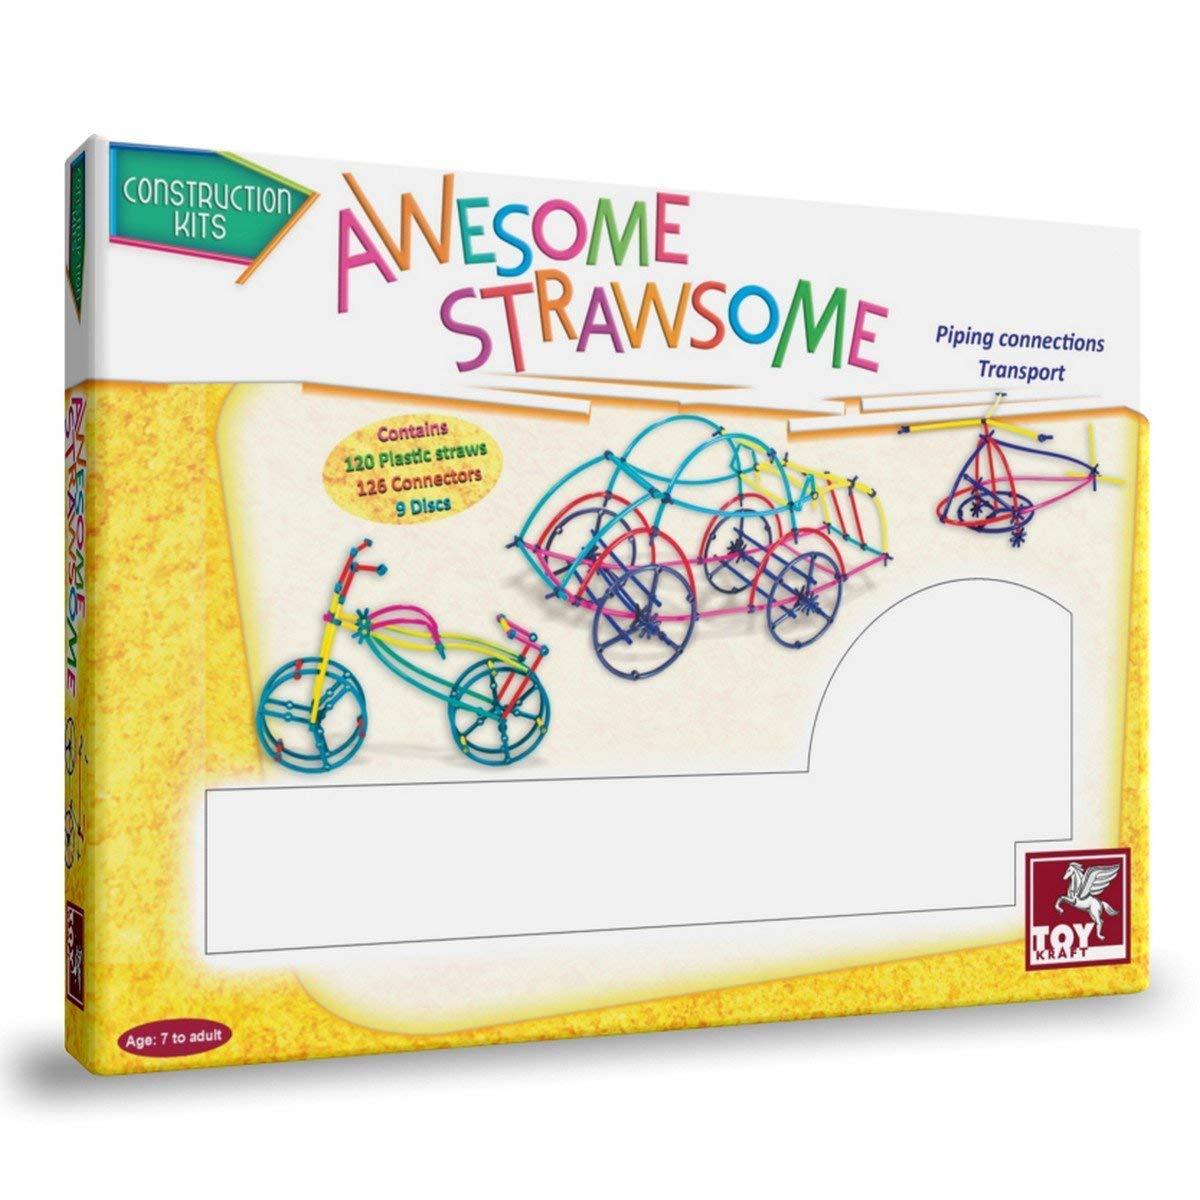 Awesome Strawsome - Straw Construction Stem Toy